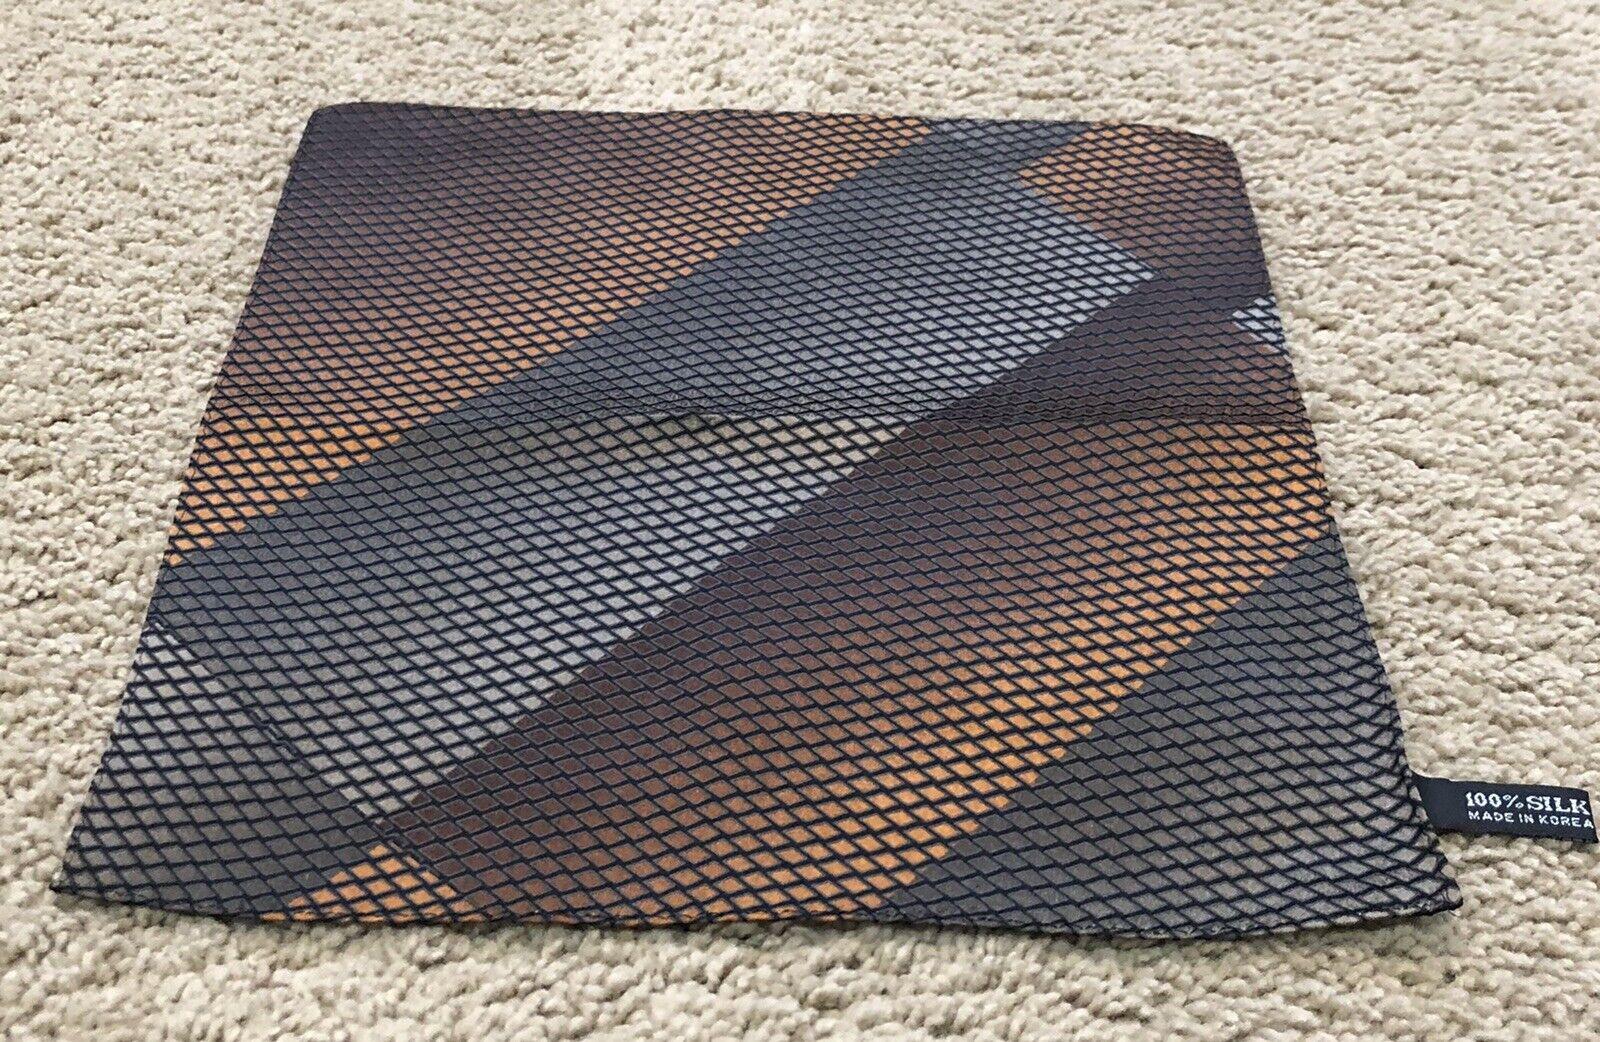 """100% Silk Hand Rolled Hem 10"""" Copper & Black Pocket Square Made In Korea VGUC"""